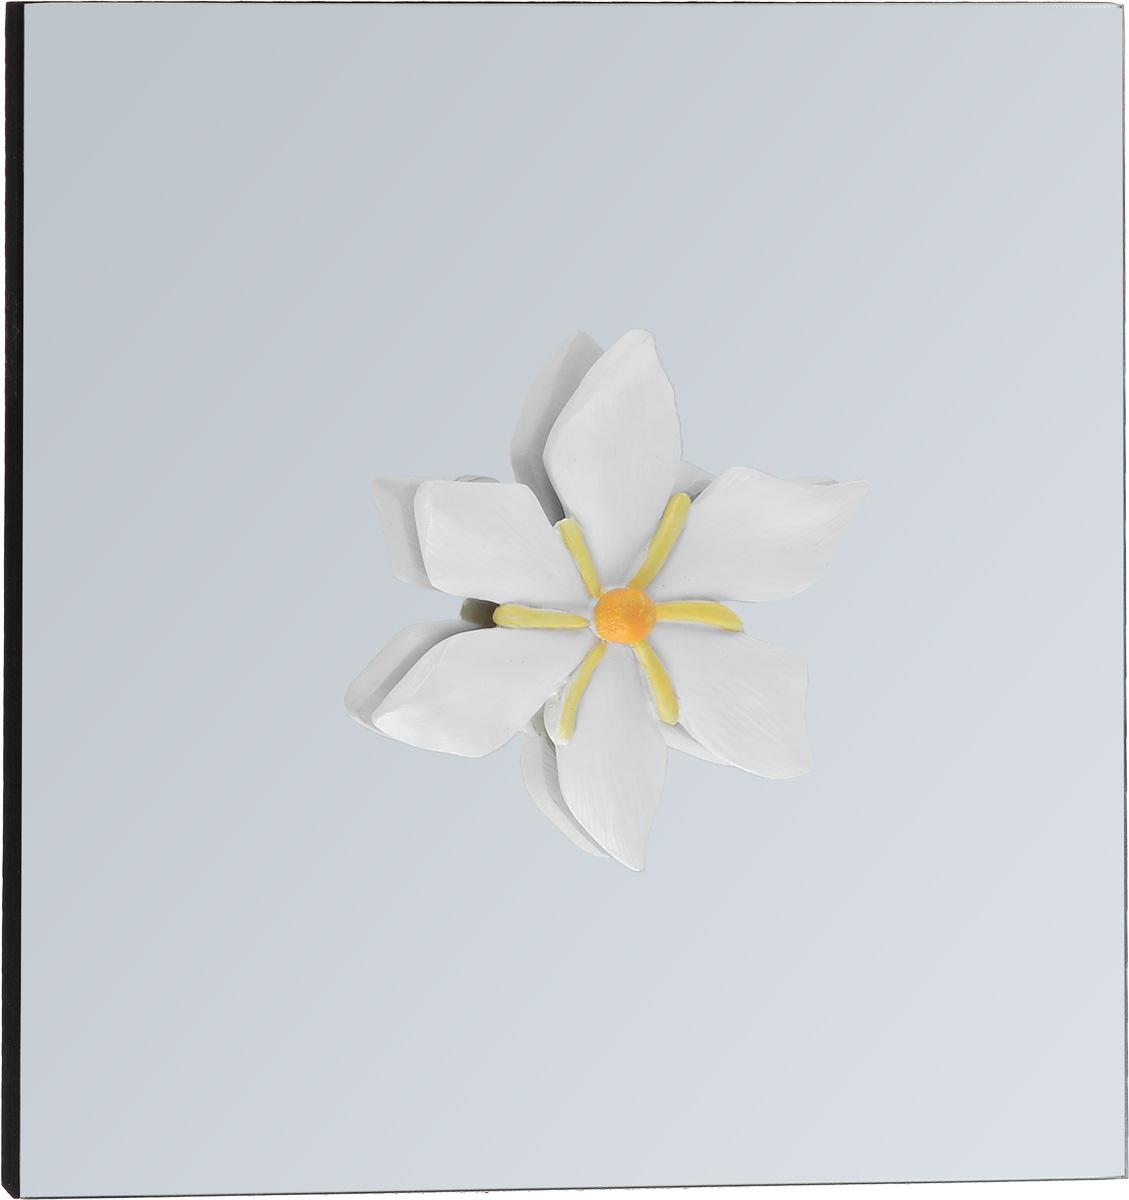 Украшение декоративное Феникс-Презент Нежный цветок, настенное, 24 x 24 x 3 см300144Настенное украшение Феникс-Презент Нежный цветок изготовлено из основы МДФ и зеркального стекла, декоративный элемент выполнен из полирезина в виде цветка. Для удобства размещения изделие оснащено металлической петелькой для подвешивания. Такое украшение не только подчеркнет ваш изысканный вкус, но и станет прекрасным подарком, который обязательно порадует получателя.